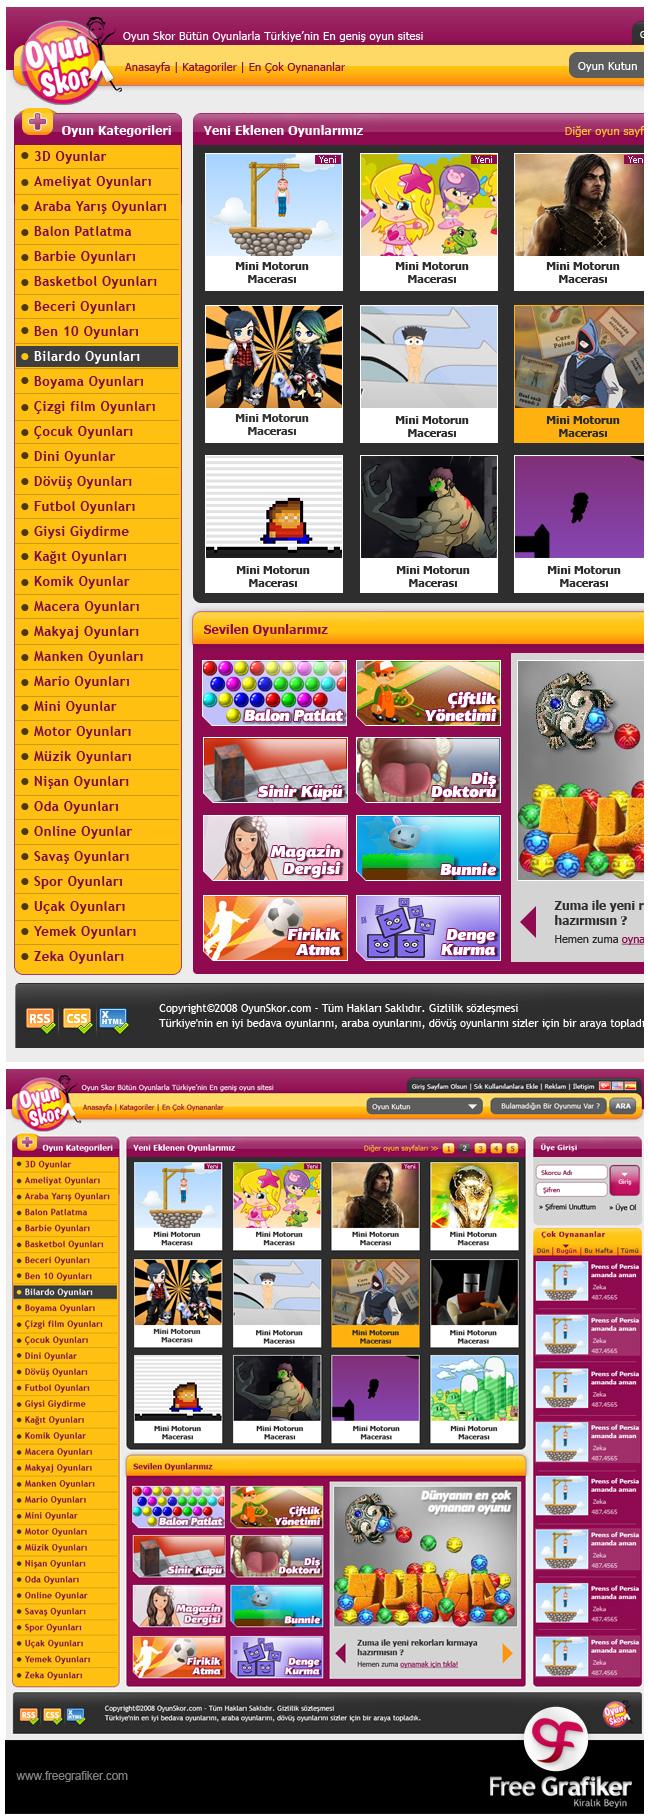 Oyunskor.com Web Sitesi Tasarımı